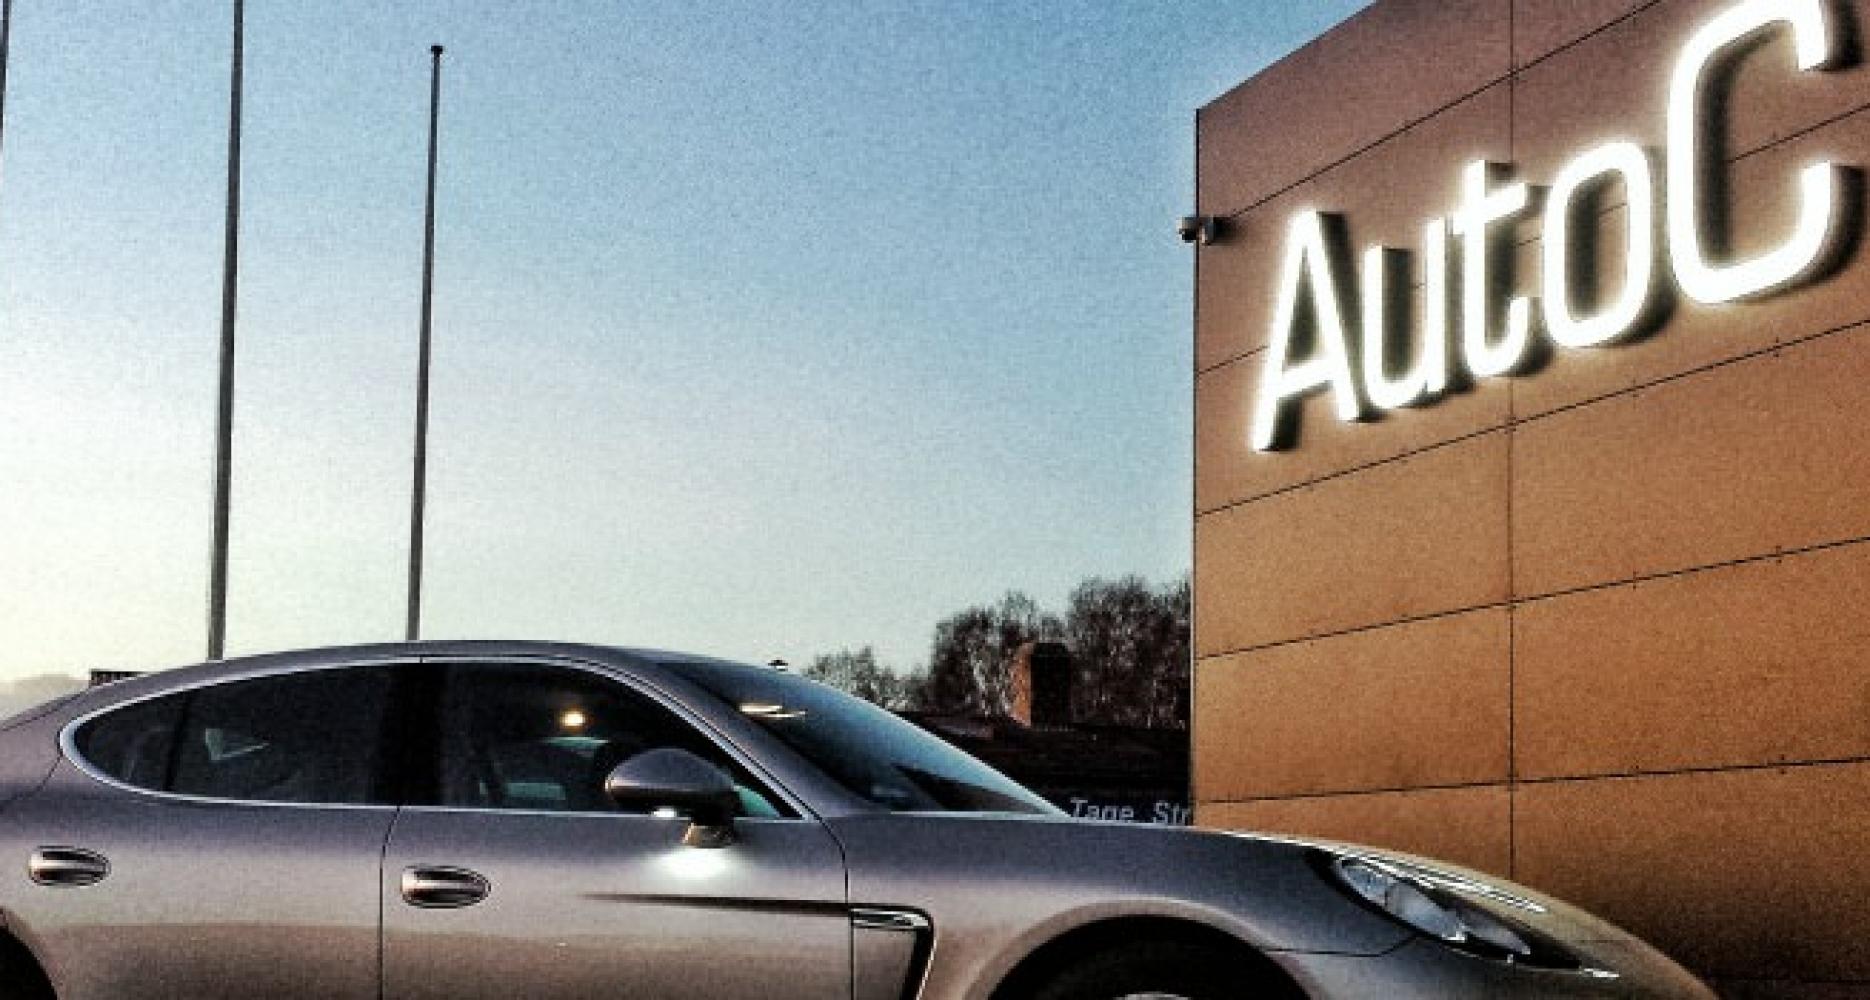 Auto-C